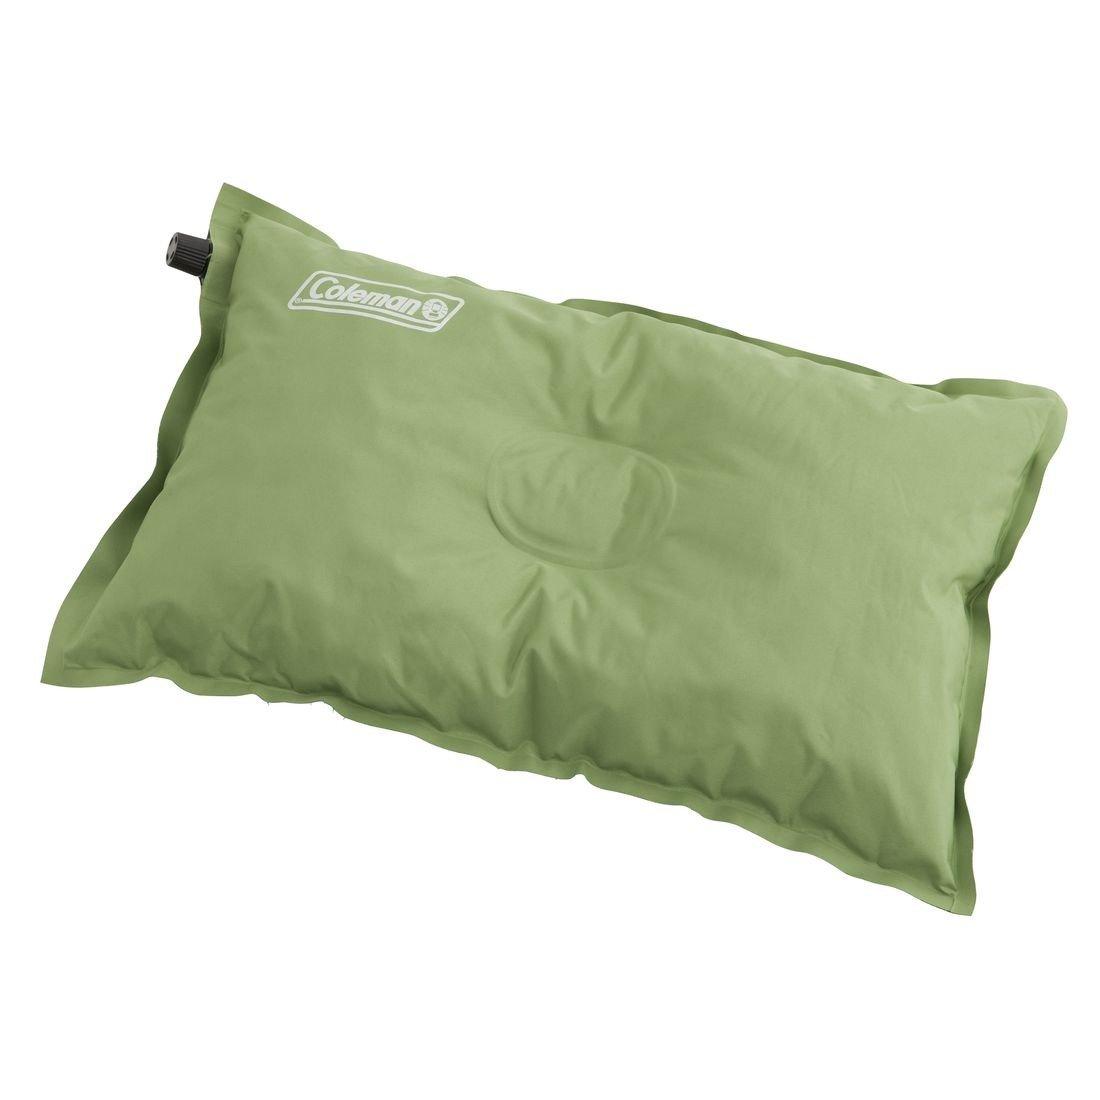 Coleman selbstaufblasendes Kissen, 48 x 31 x 9 cm günstig kaufen